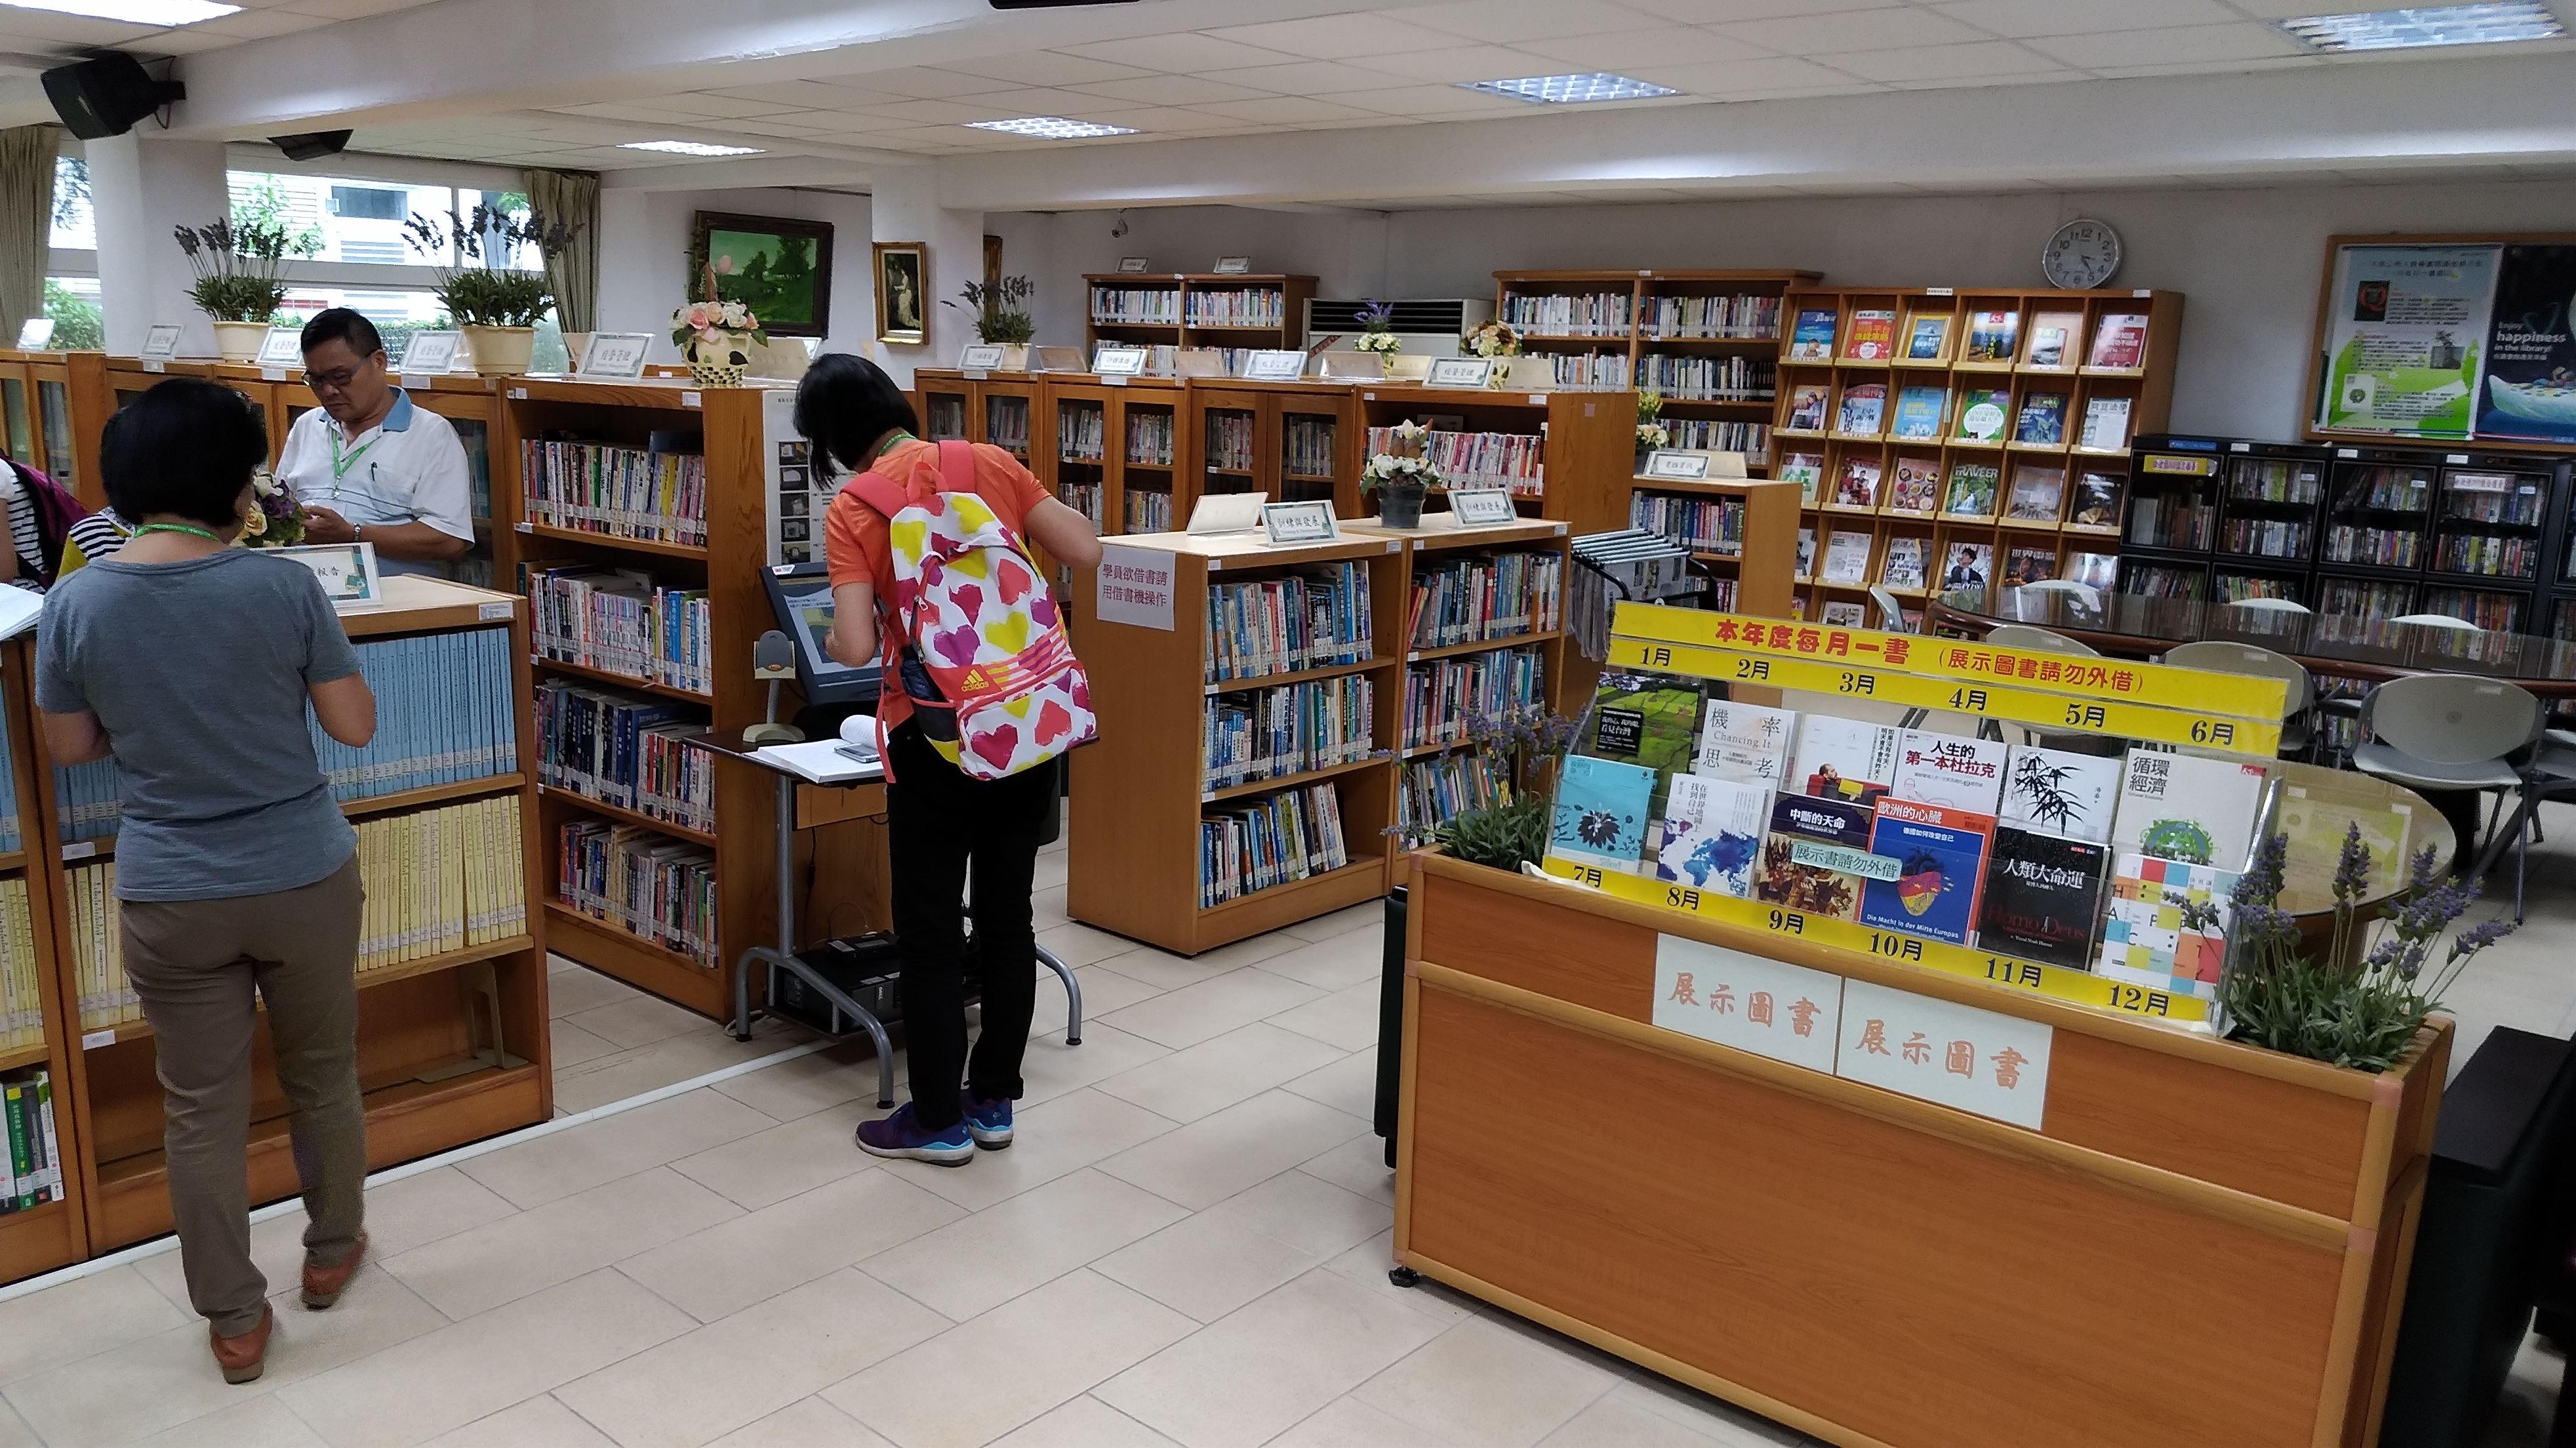 中區培訓中心圖書室